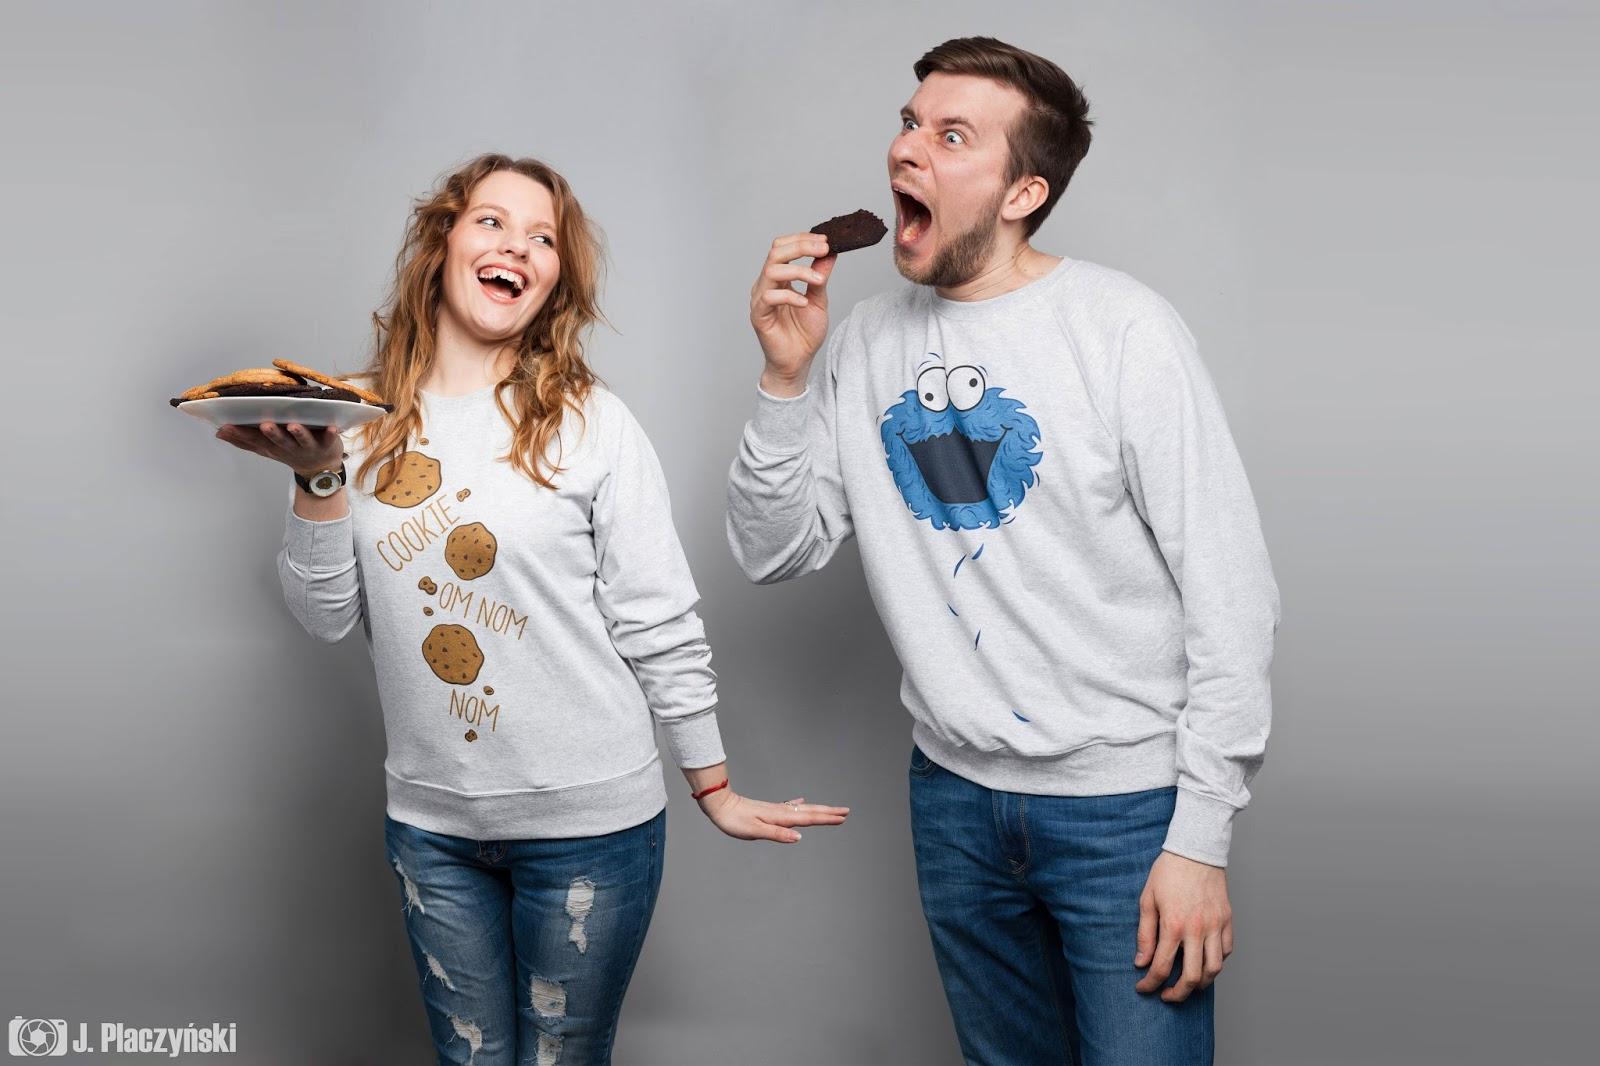 cookie monster bluzy dla par koszulove prezenty dla zakochanych dla dziewczyny dla chlopaka stylowe nadruki pomyslowe wzory